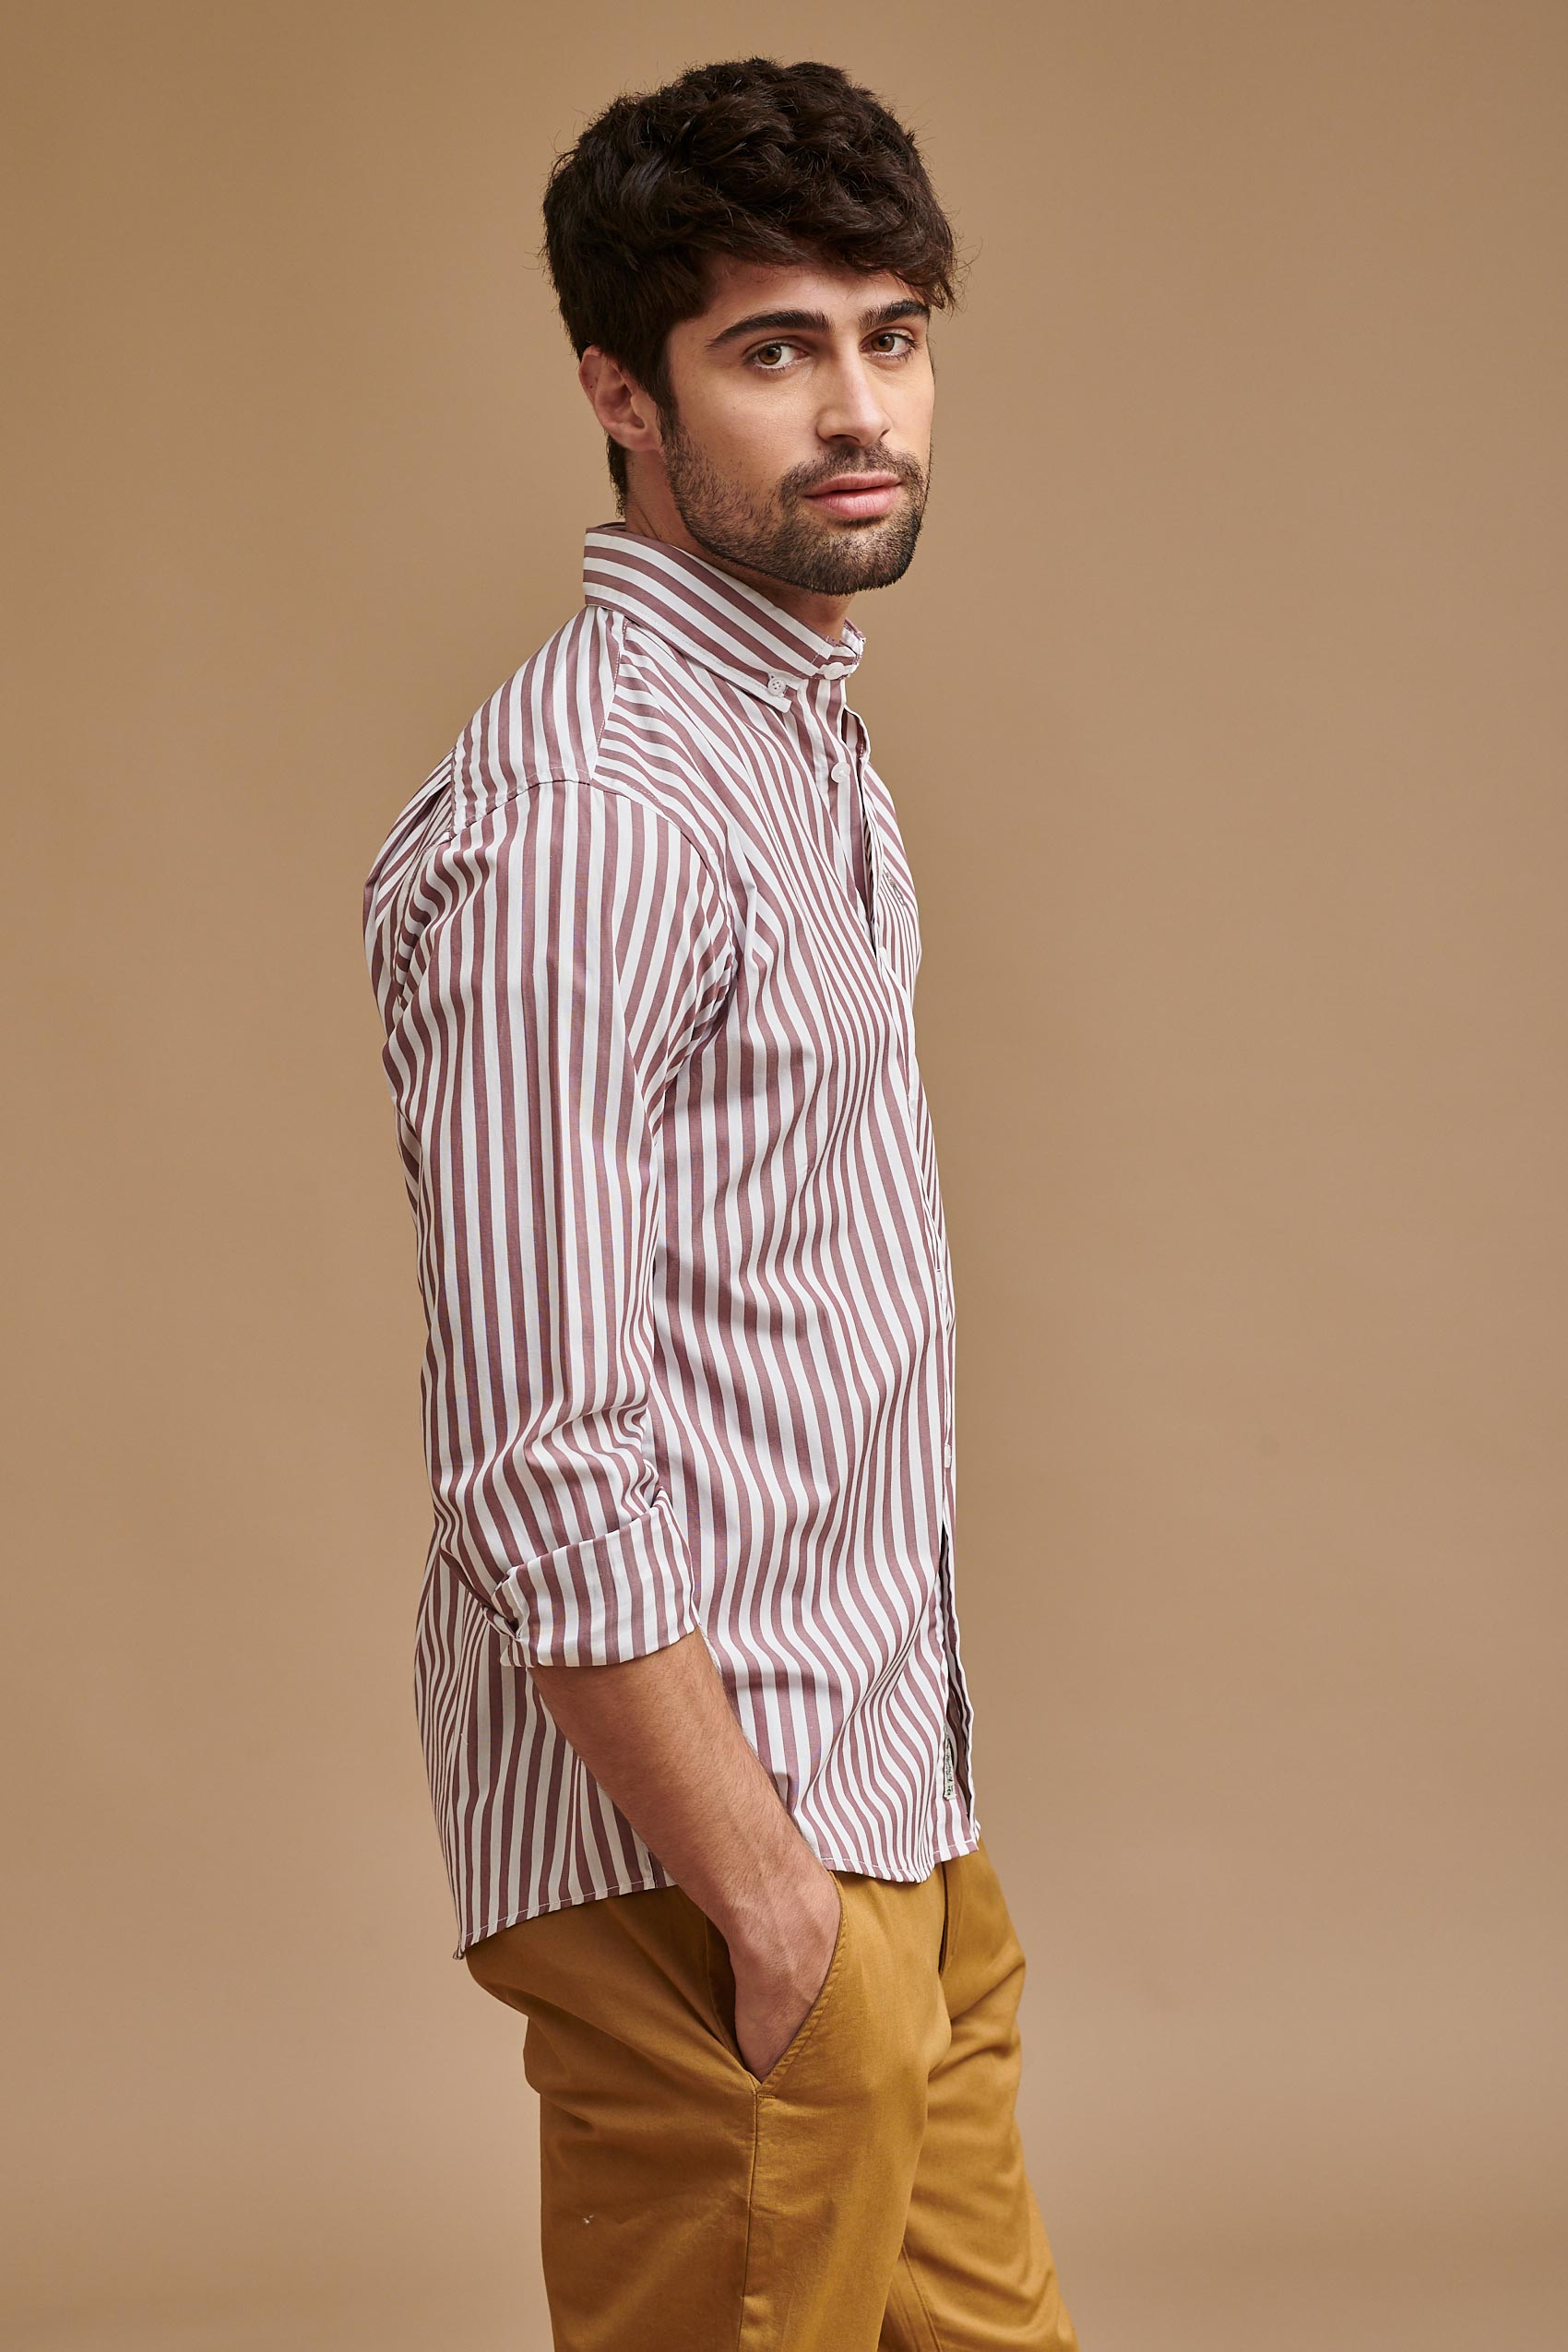 penguin_ls-wide-stripe-shirt-b/d_59-13-2020__picture-15007